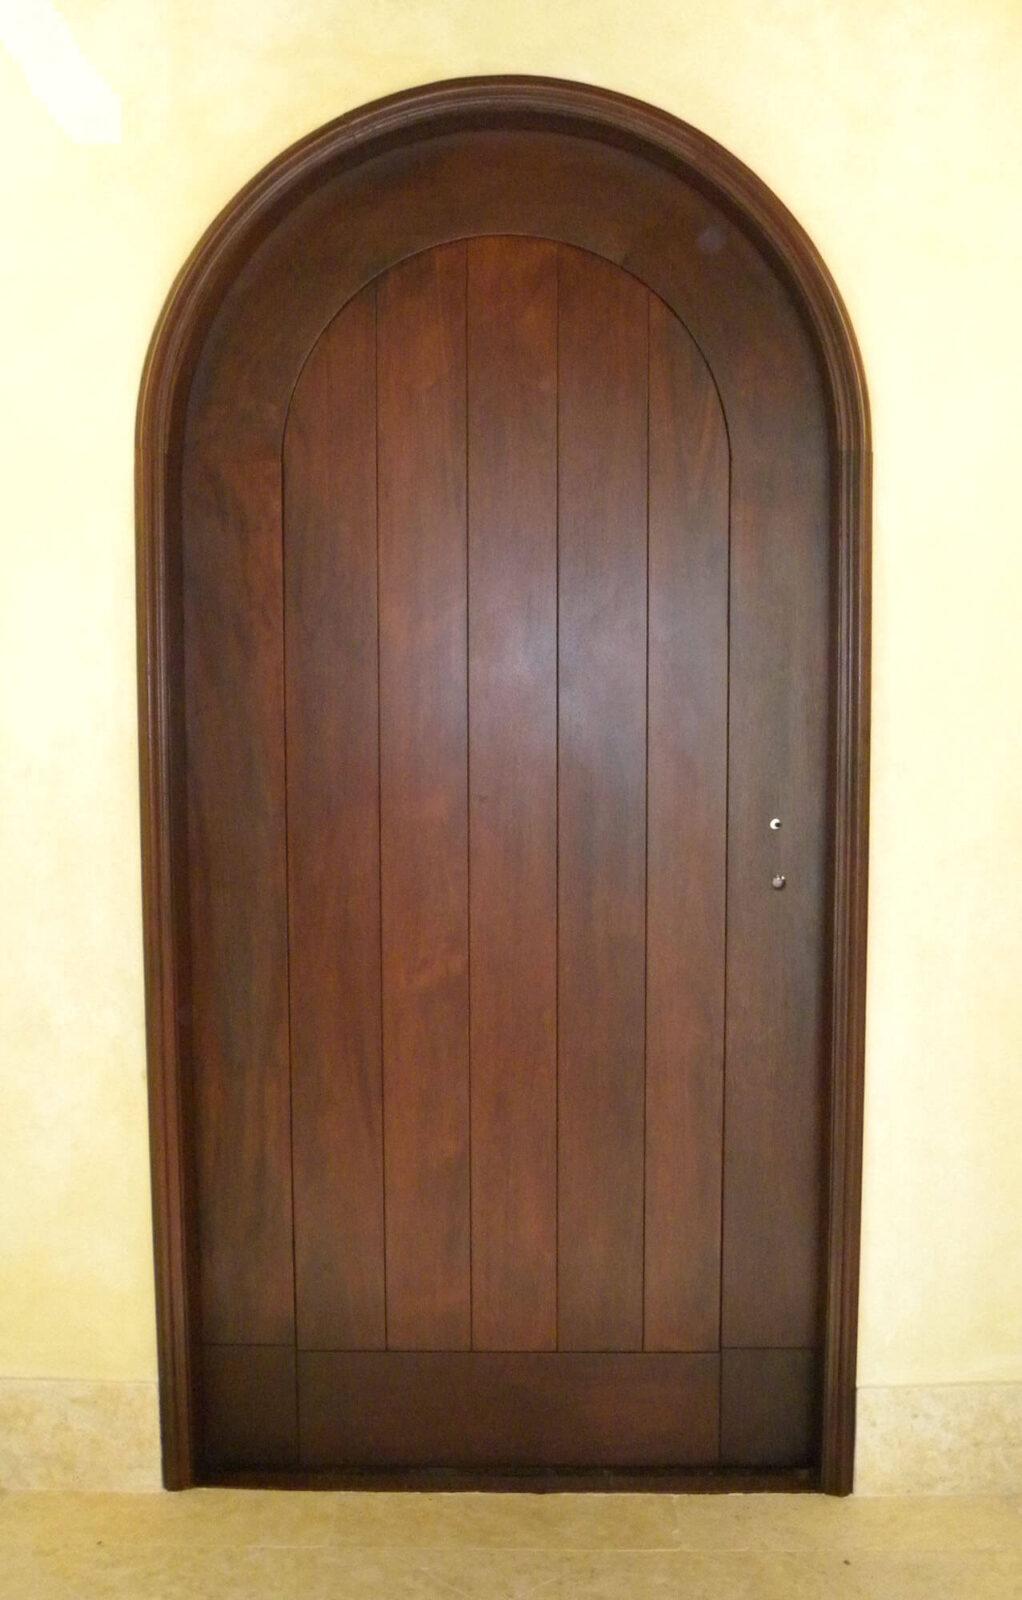 MIAMI SPRINGS MAHOGANY PLANK DOOR. INTERIOR